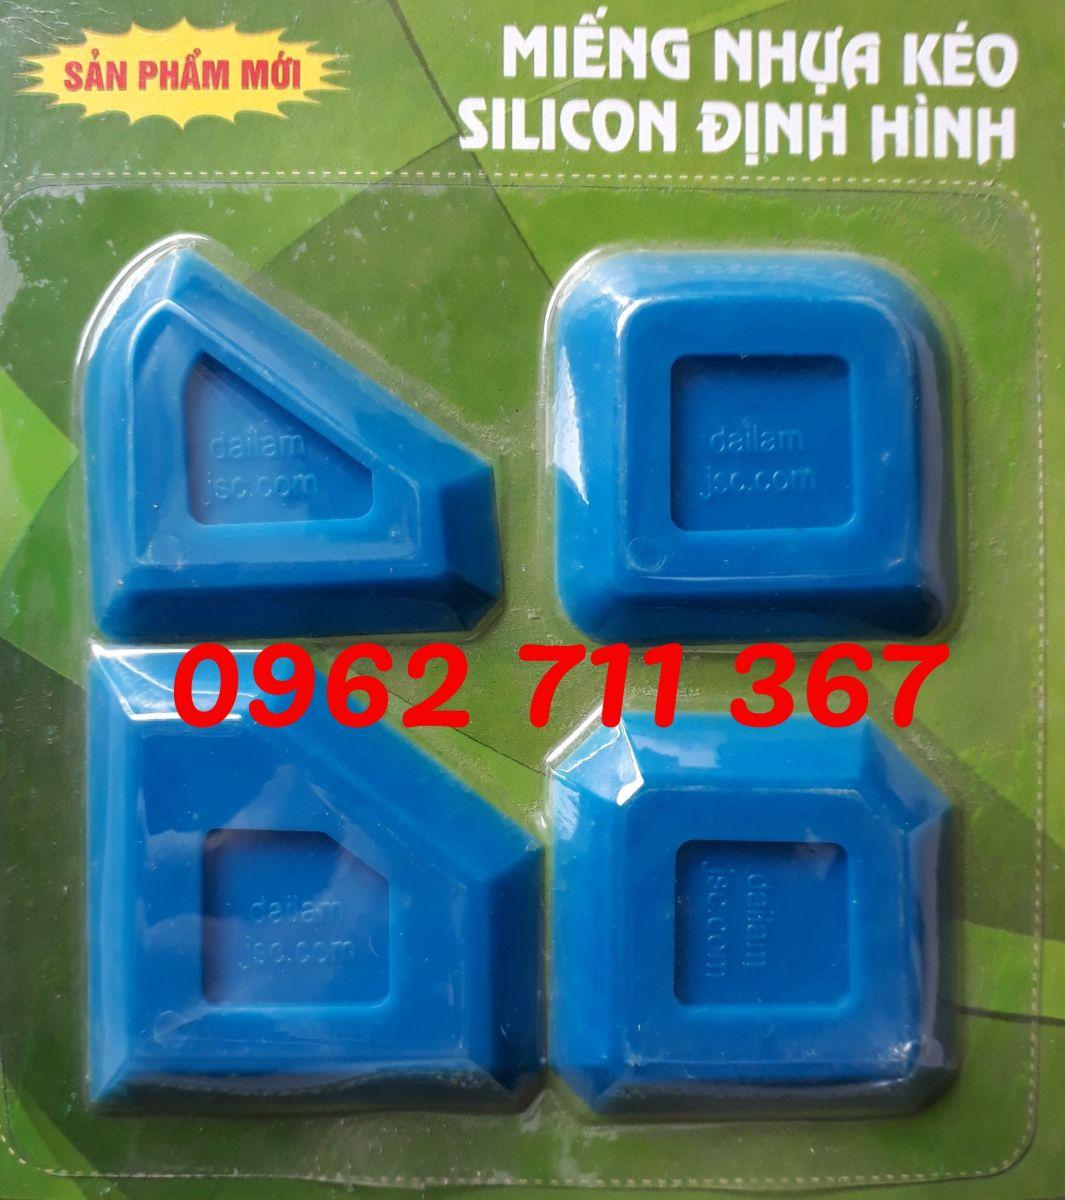 Miết mạch nhựa silicon định hình